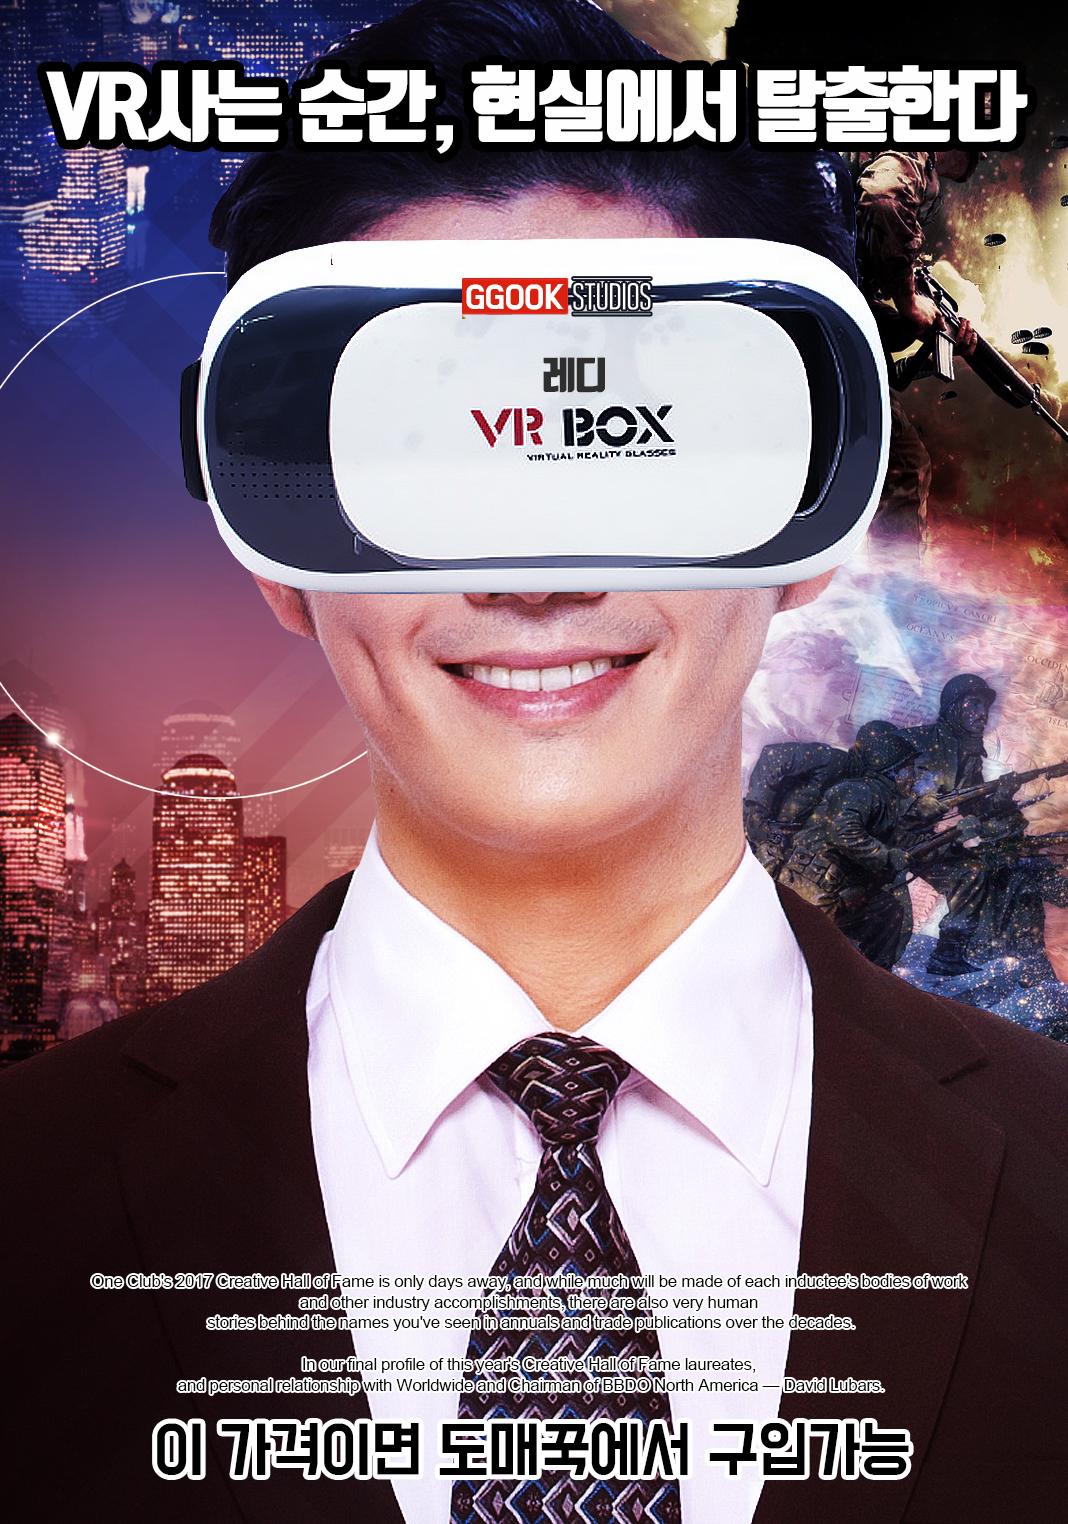 월드온 VR BOX 2세대 가상현실 3D VR 박스 케이스